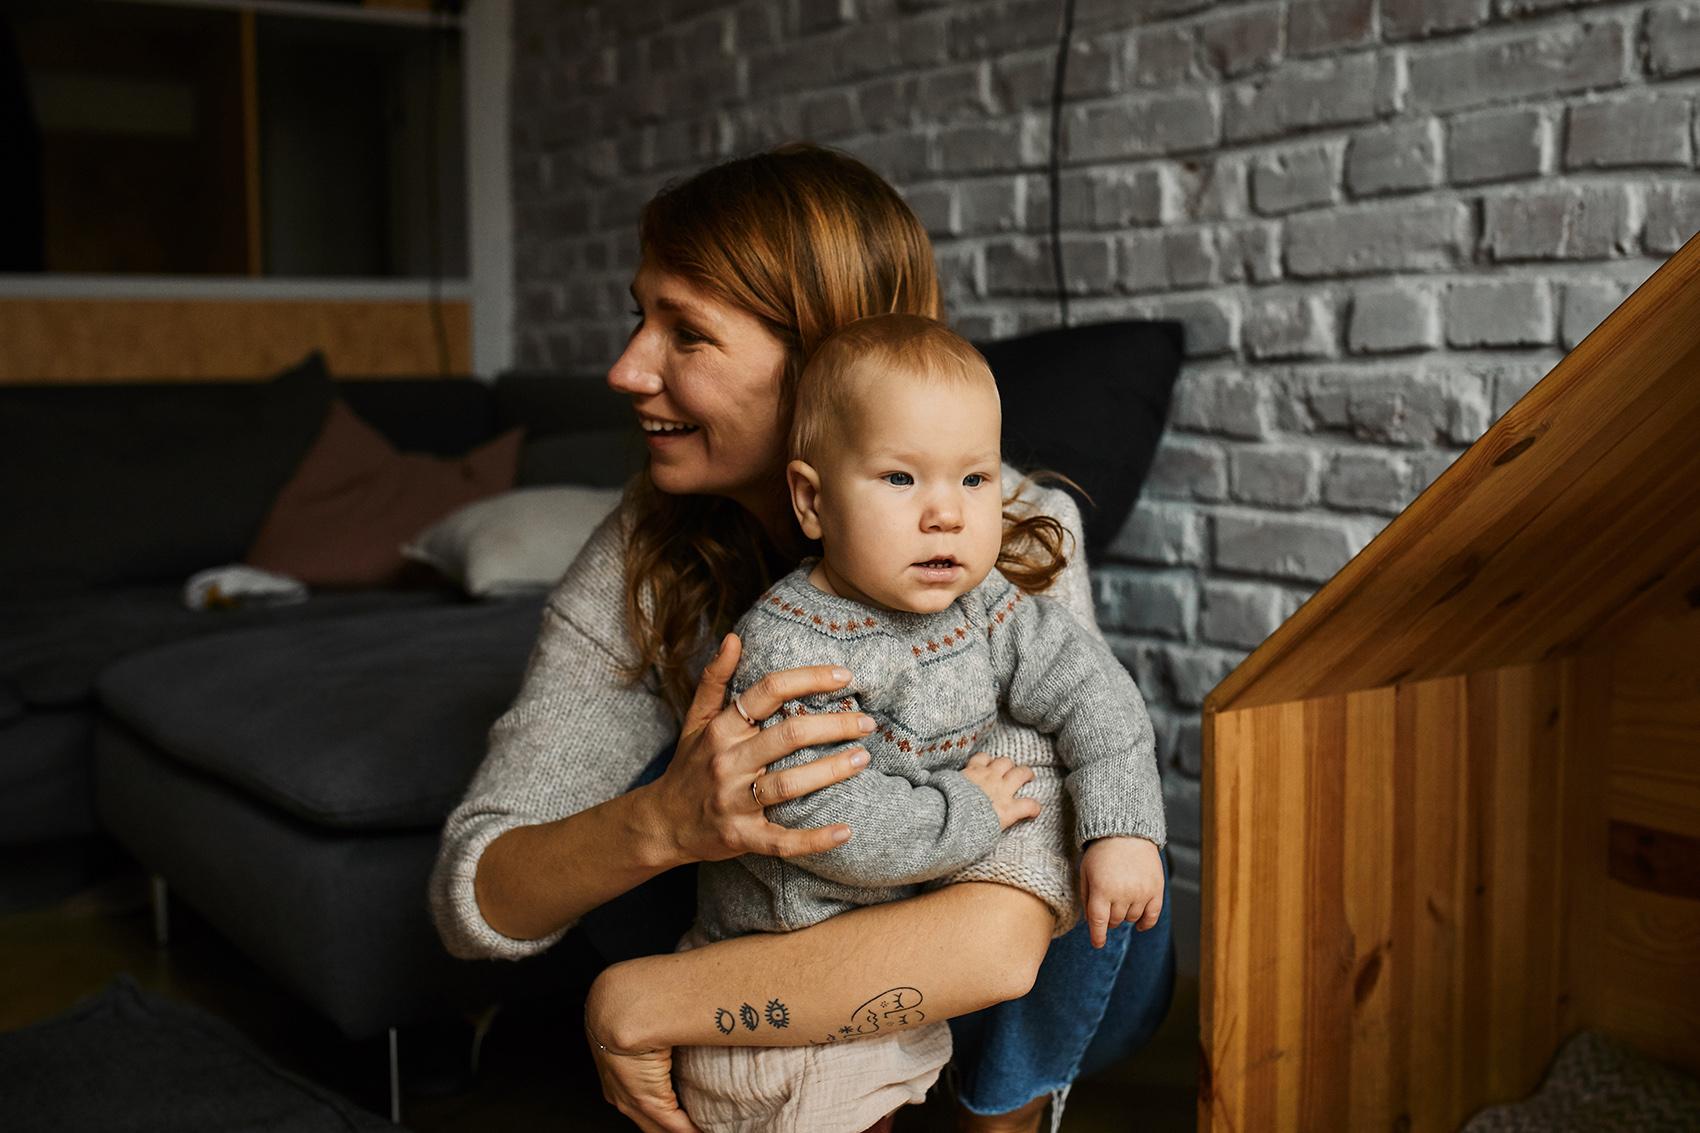 rodzinna fotografia lifestyle domowa milanowek pruszkow konstancin otowock warszawa